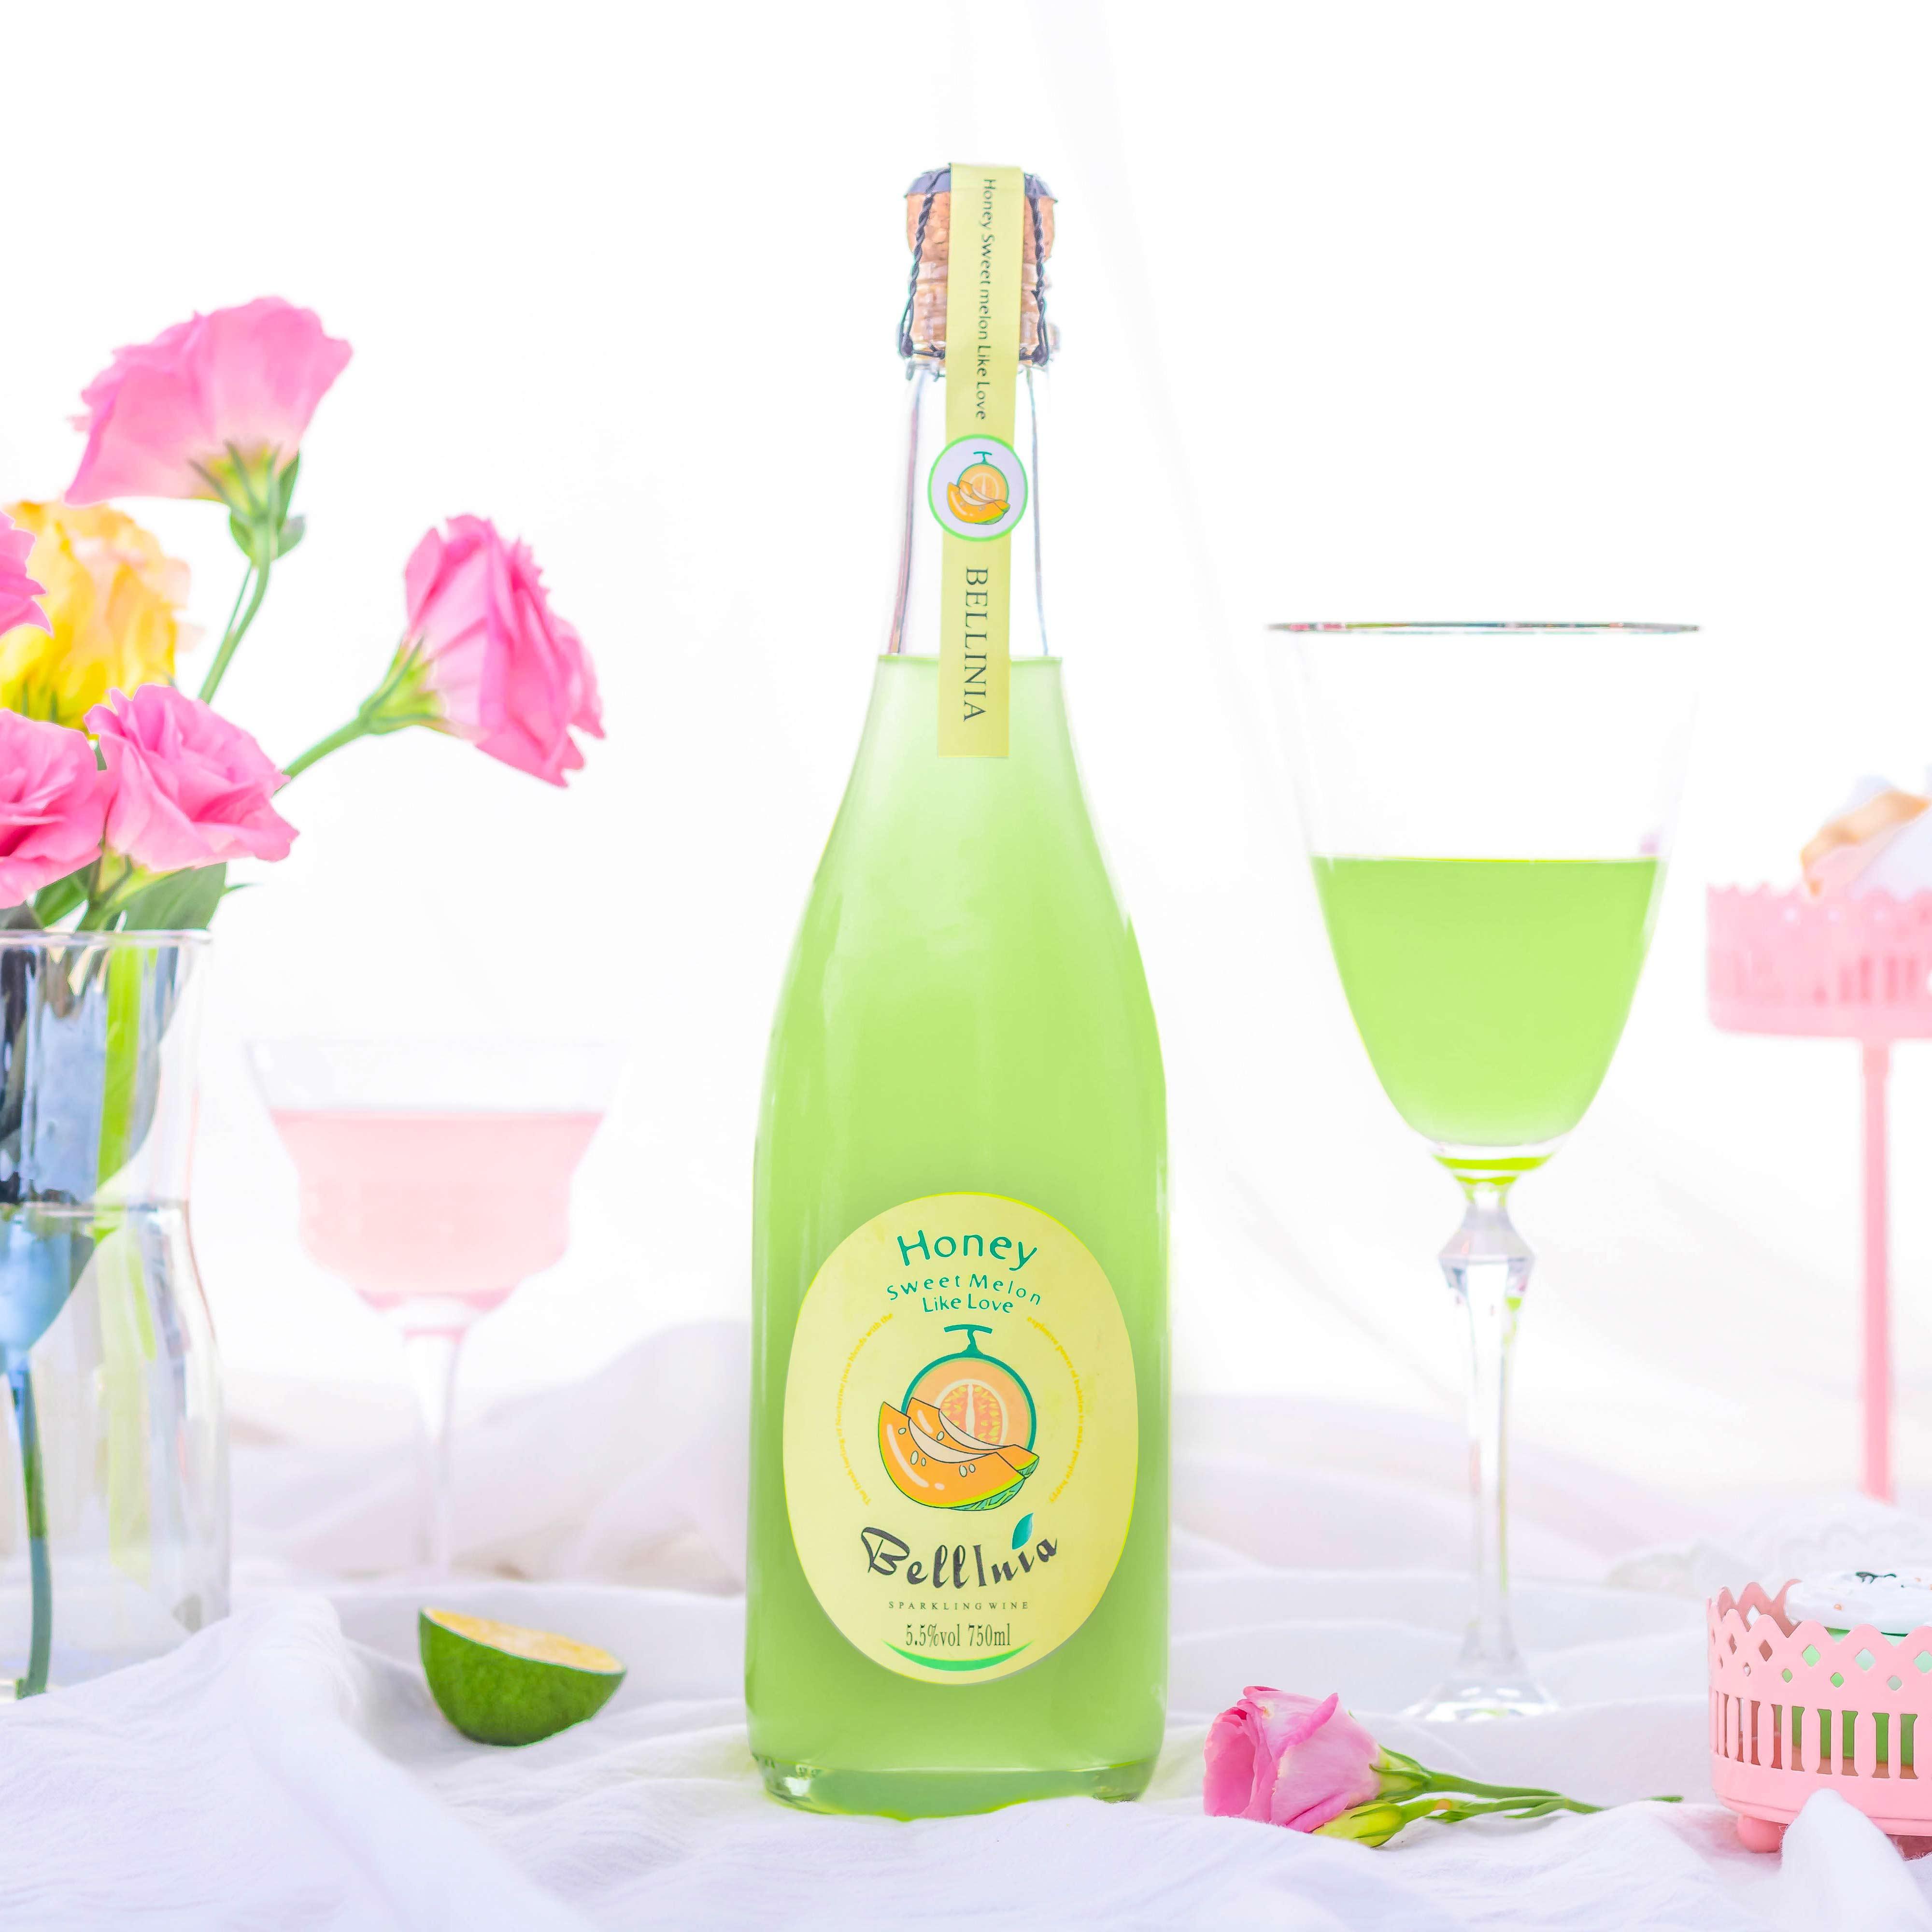 水果味甜酒桃子气泡起泡酒 Bellini 少女心蜜桃贝利尼 元 1 瓶 2 第 瓶 元 瓶 2  第